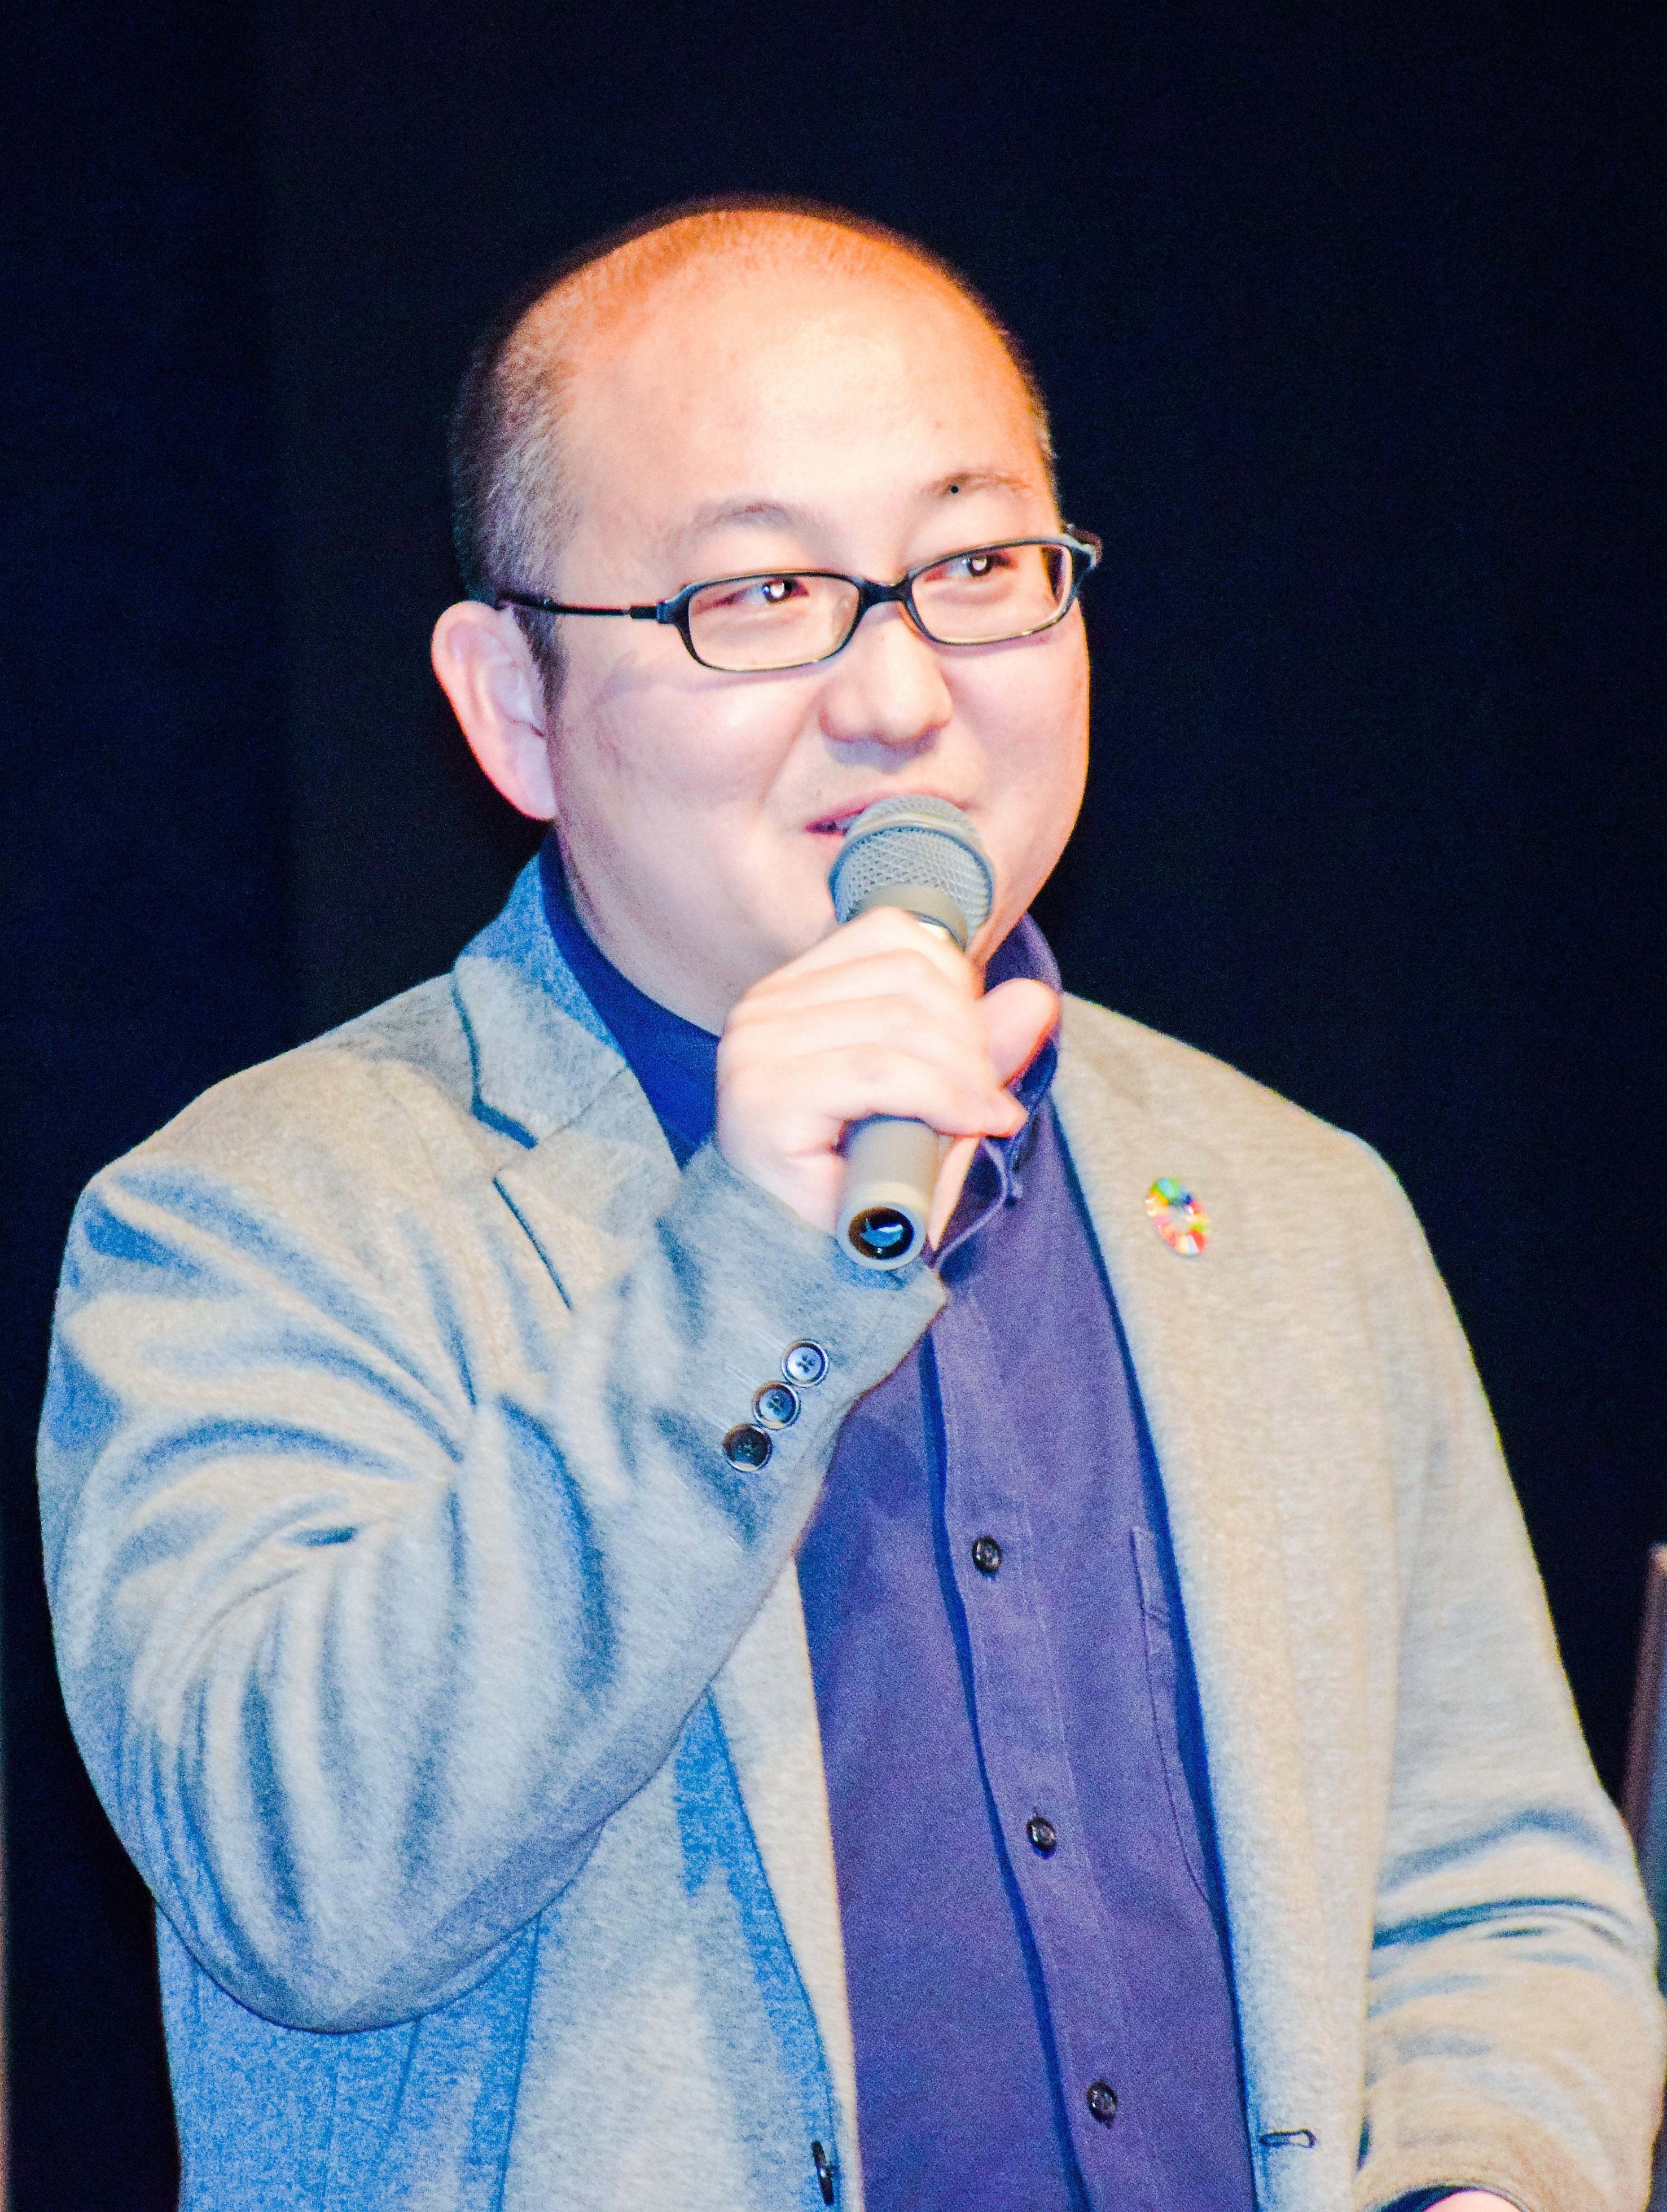 「マーケティングにおけるプログラミングの重要性」石山 洸氏